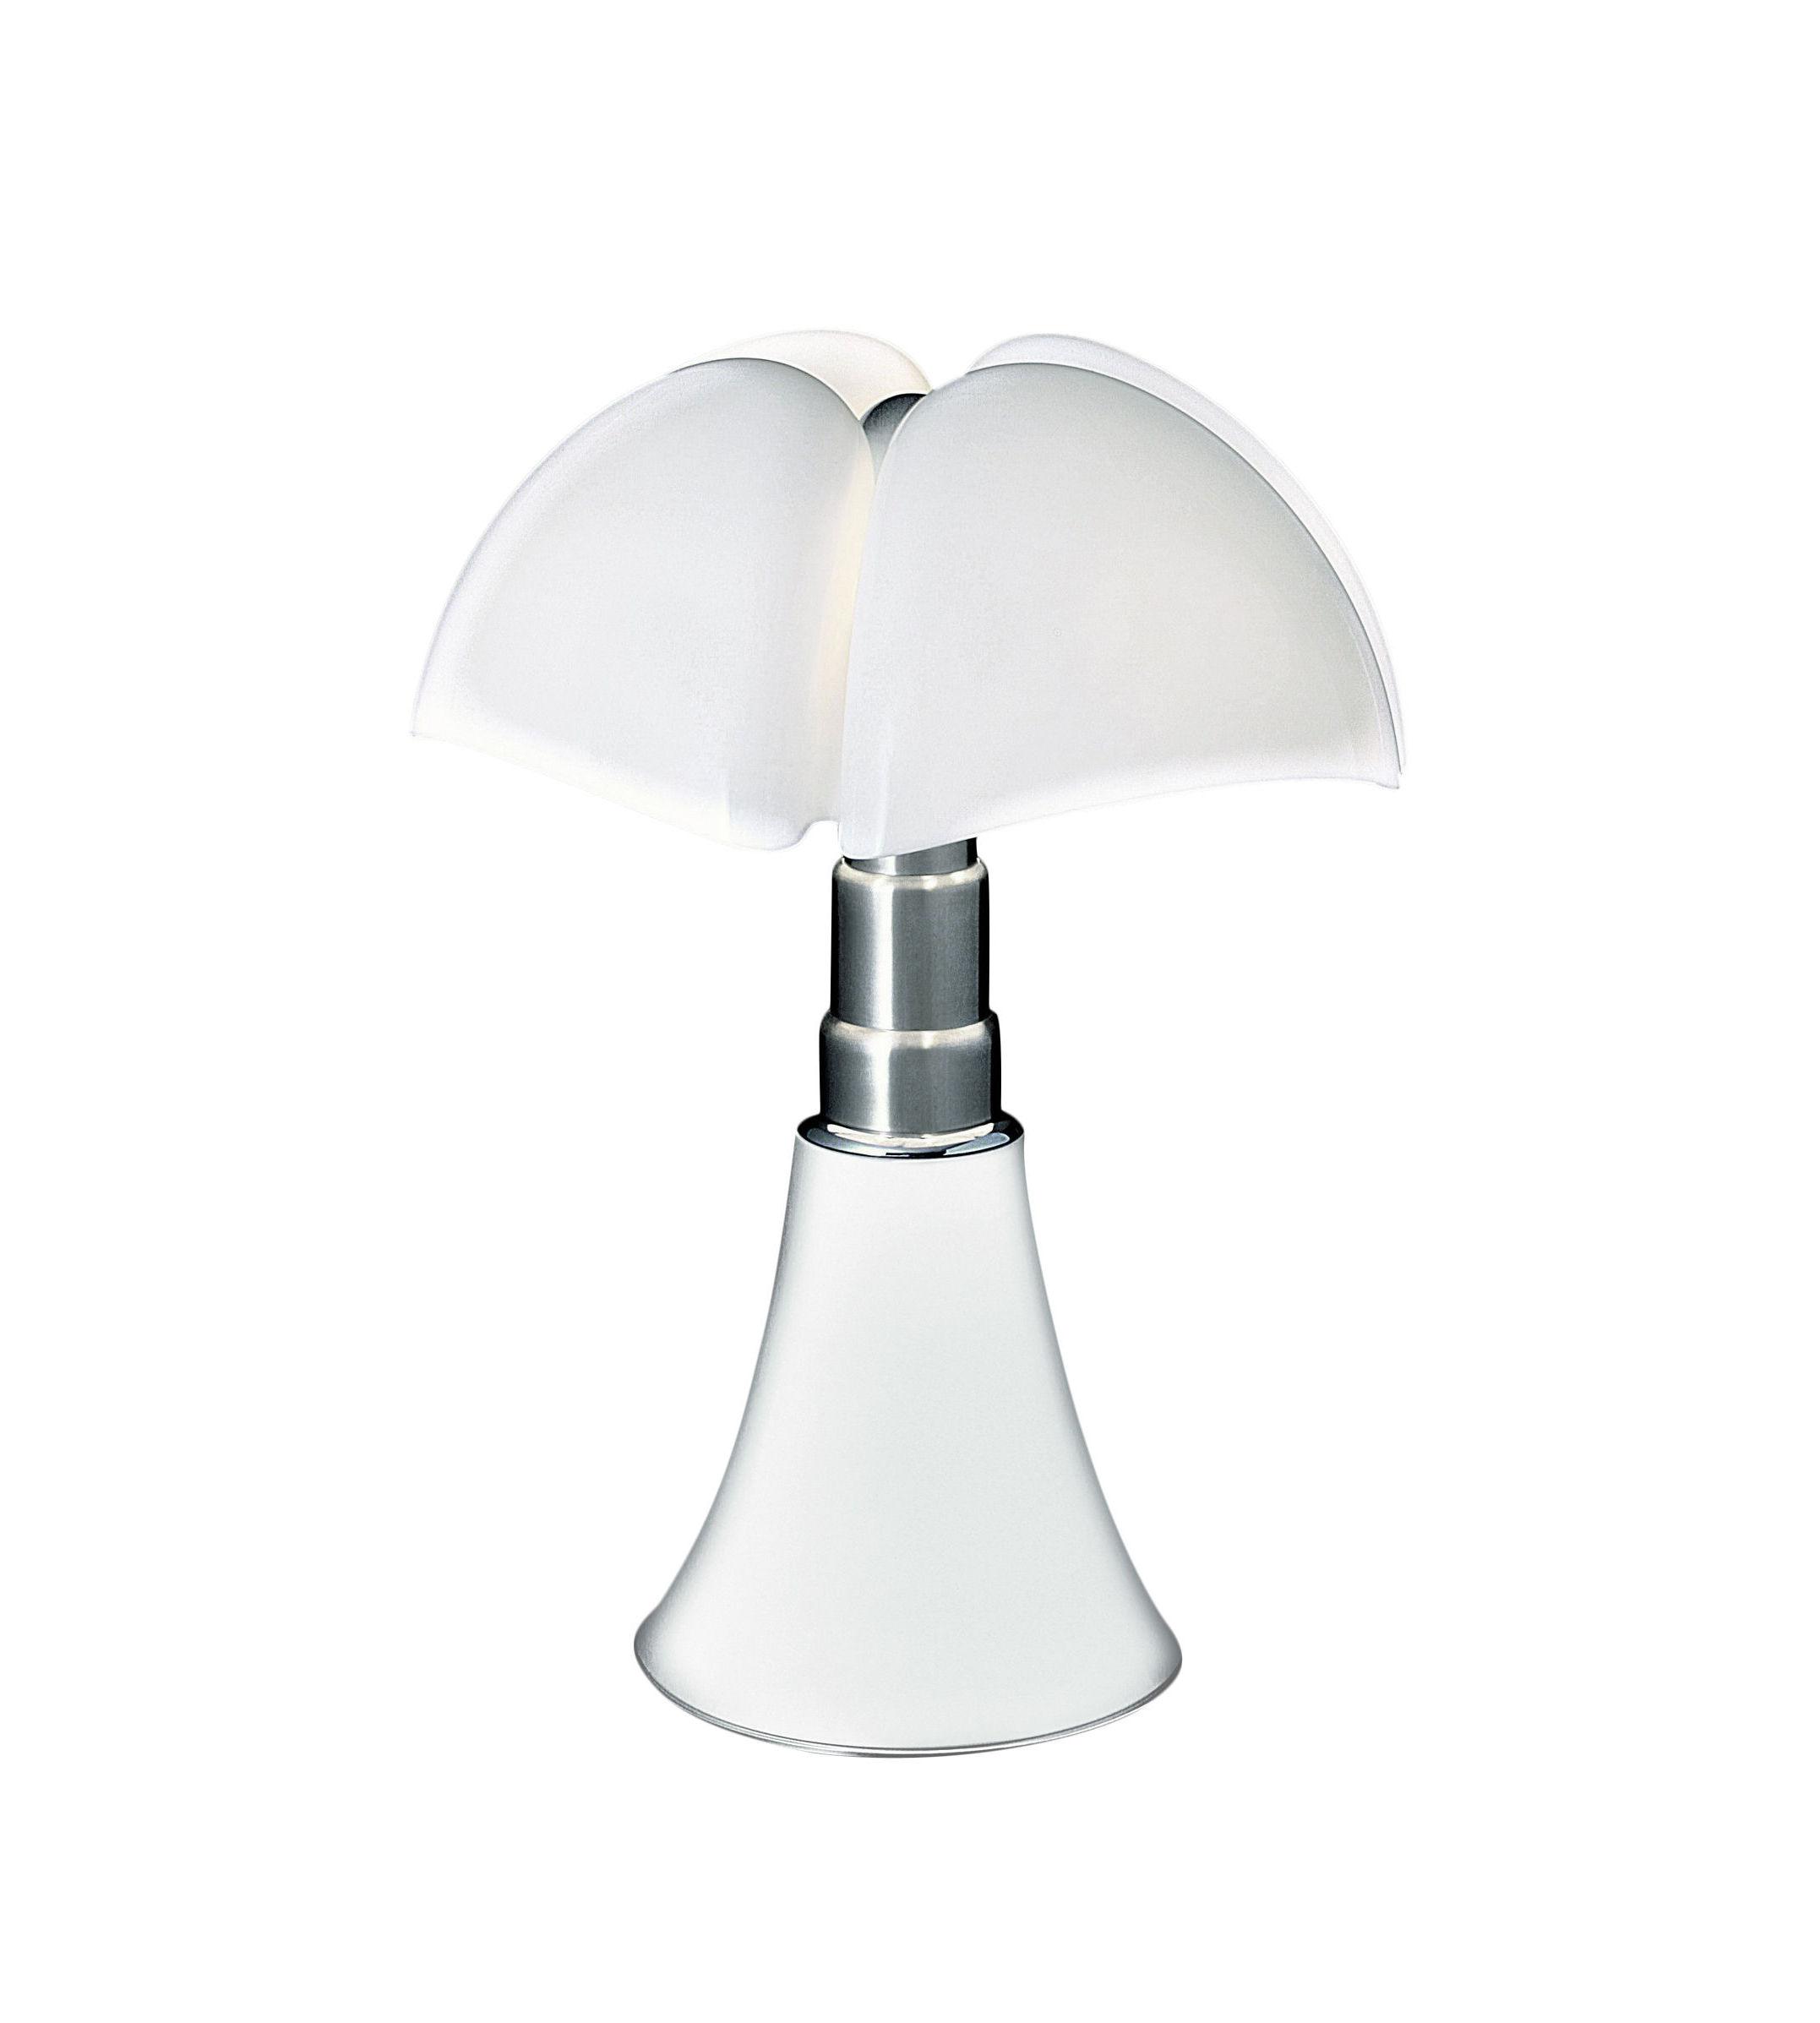 Scopri lampada da tavolo minipipistrello bianco di - Lampada da tavolo pipistrello ...